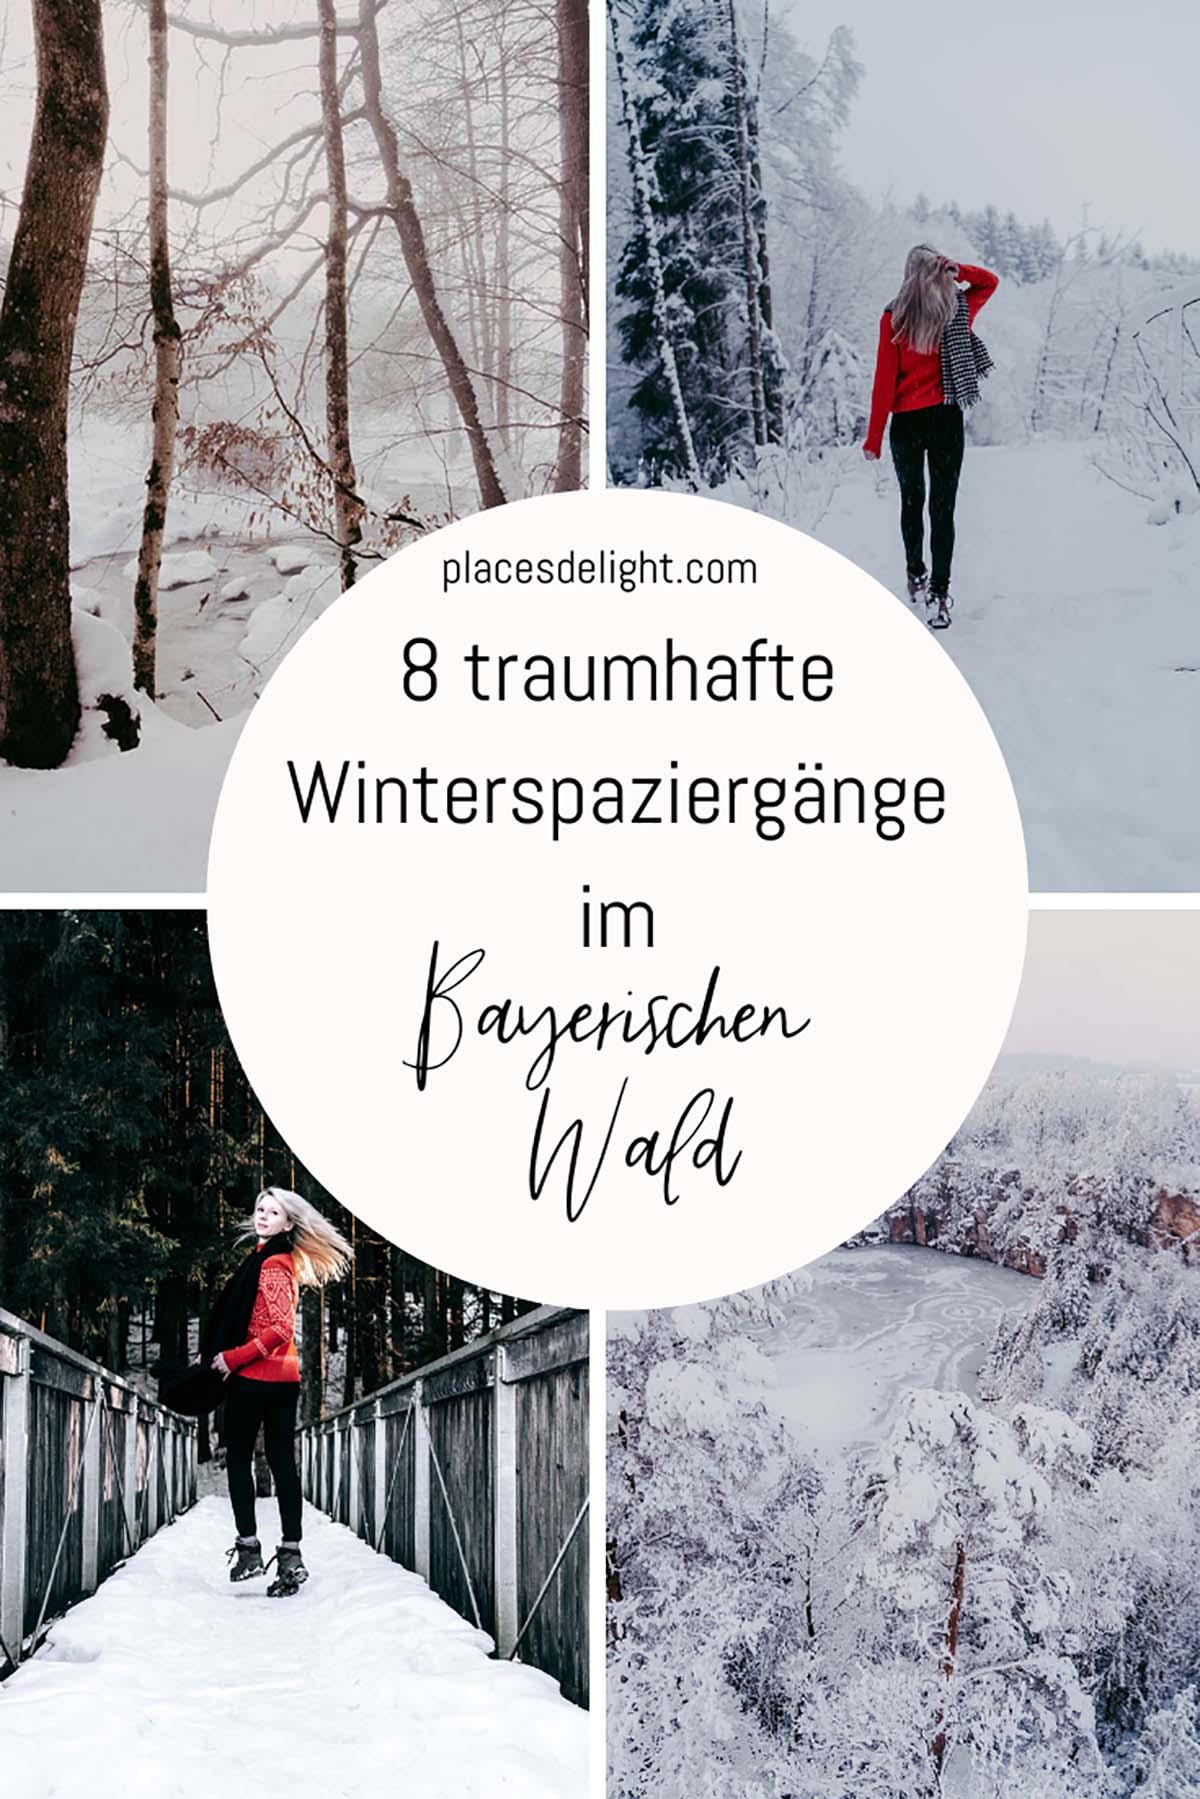 winter-spaziergaenge-bayerischer-wald-placesdelight